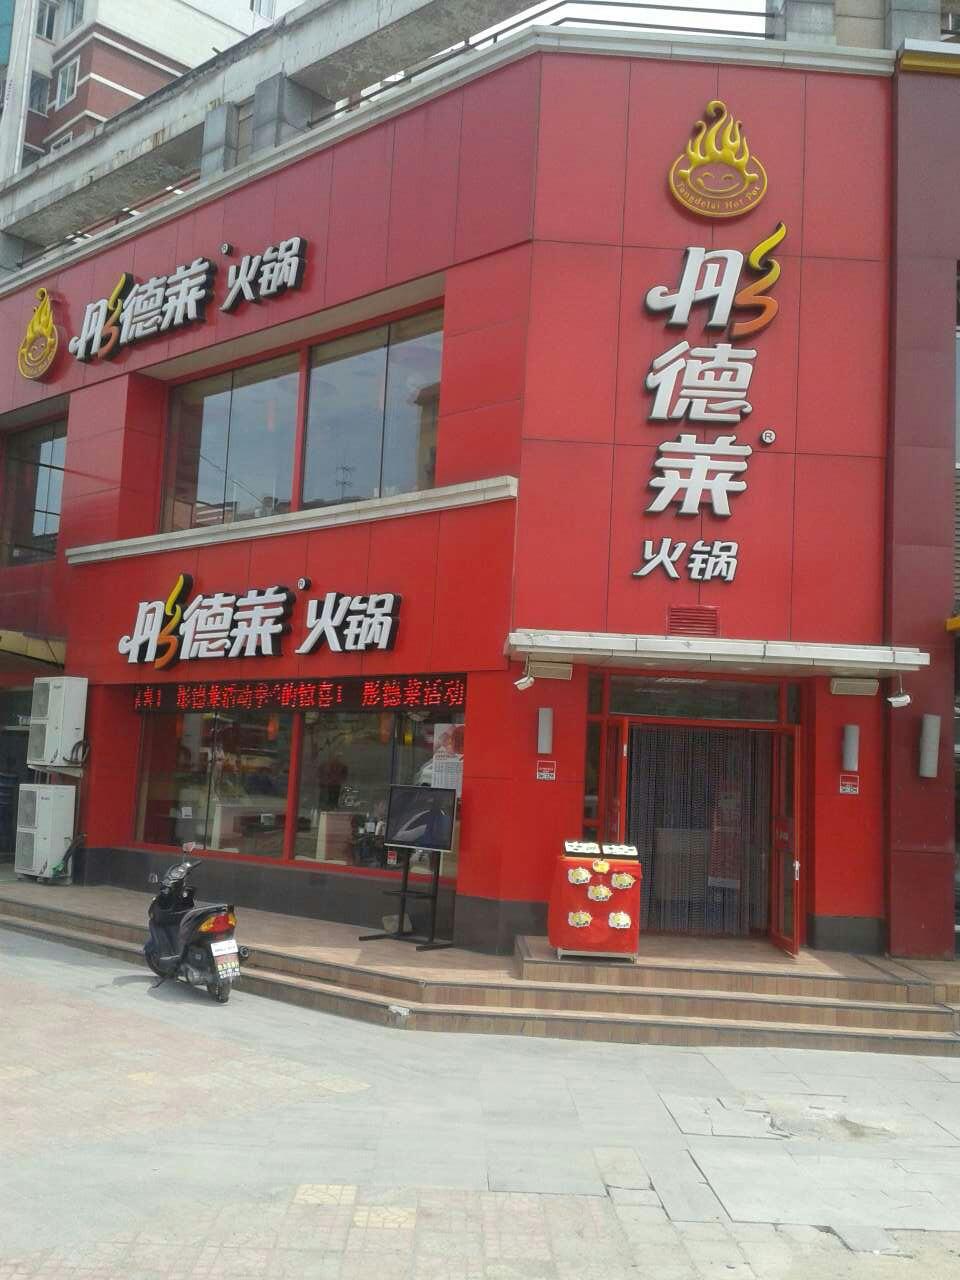 辽宁省本溪市优乐娱乐连锁店面